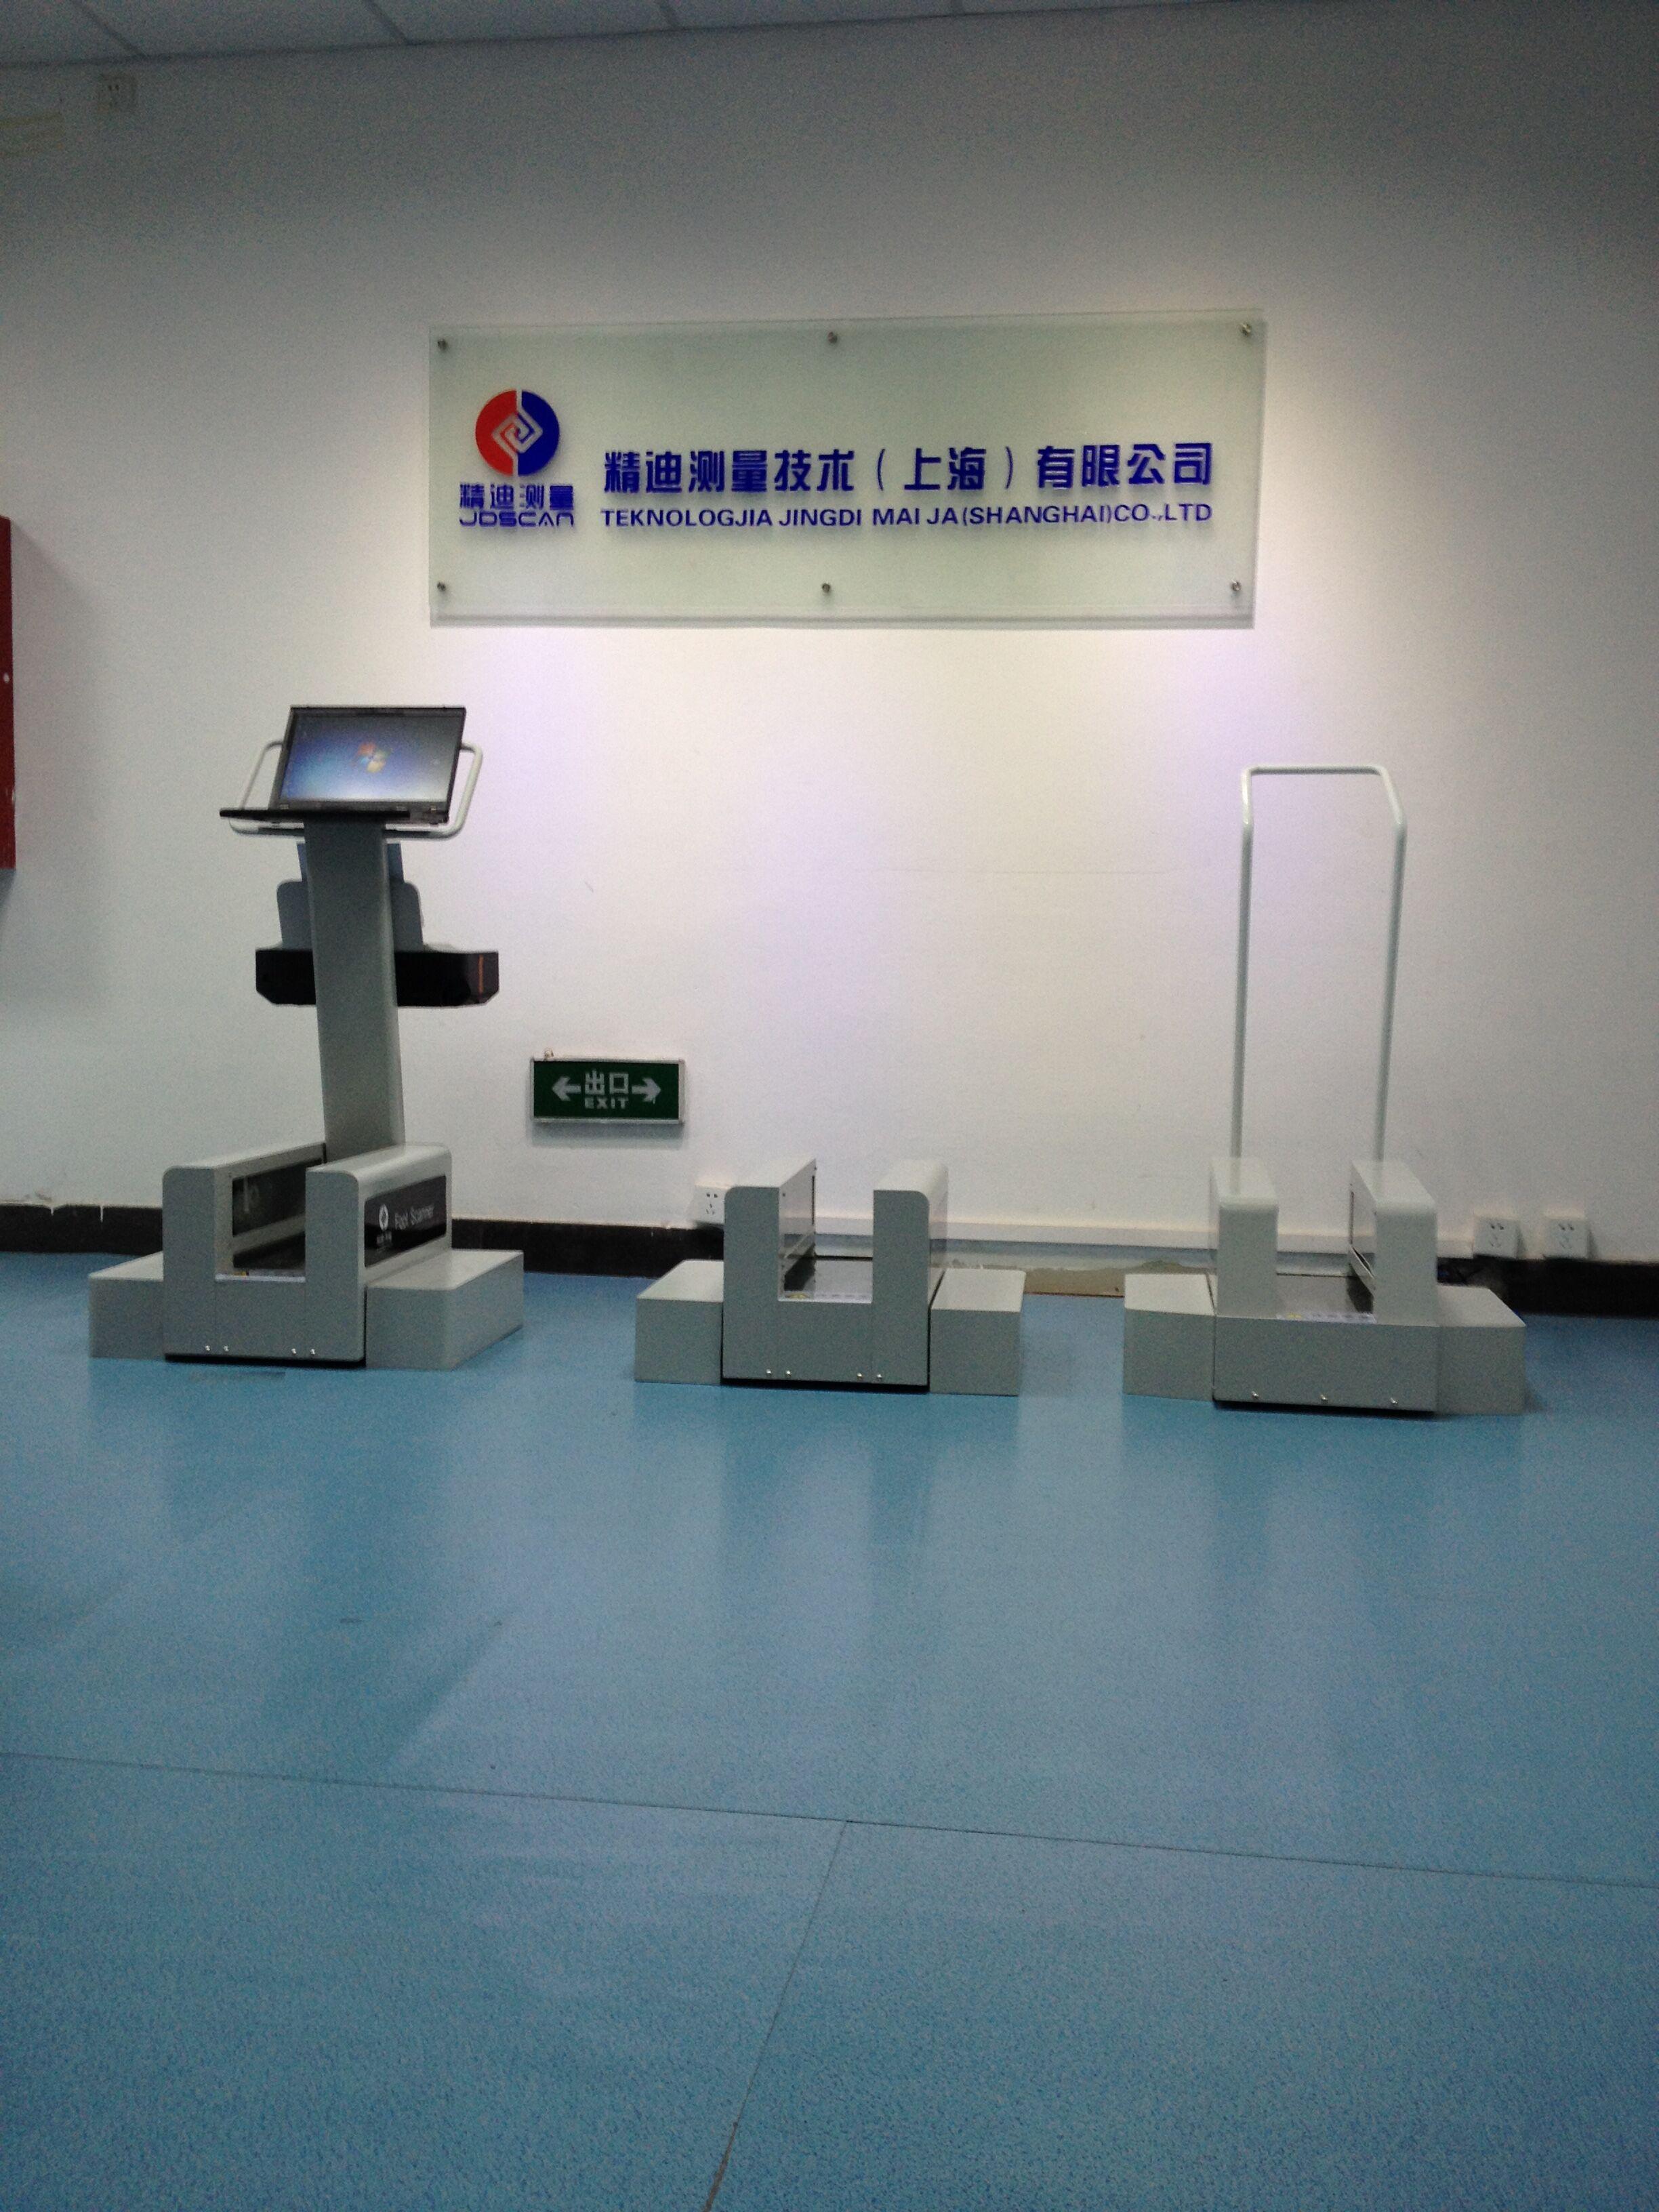 牙齿扫描仪_口内三维扫描仪口腔牙齿3D扫描仪供应商图片